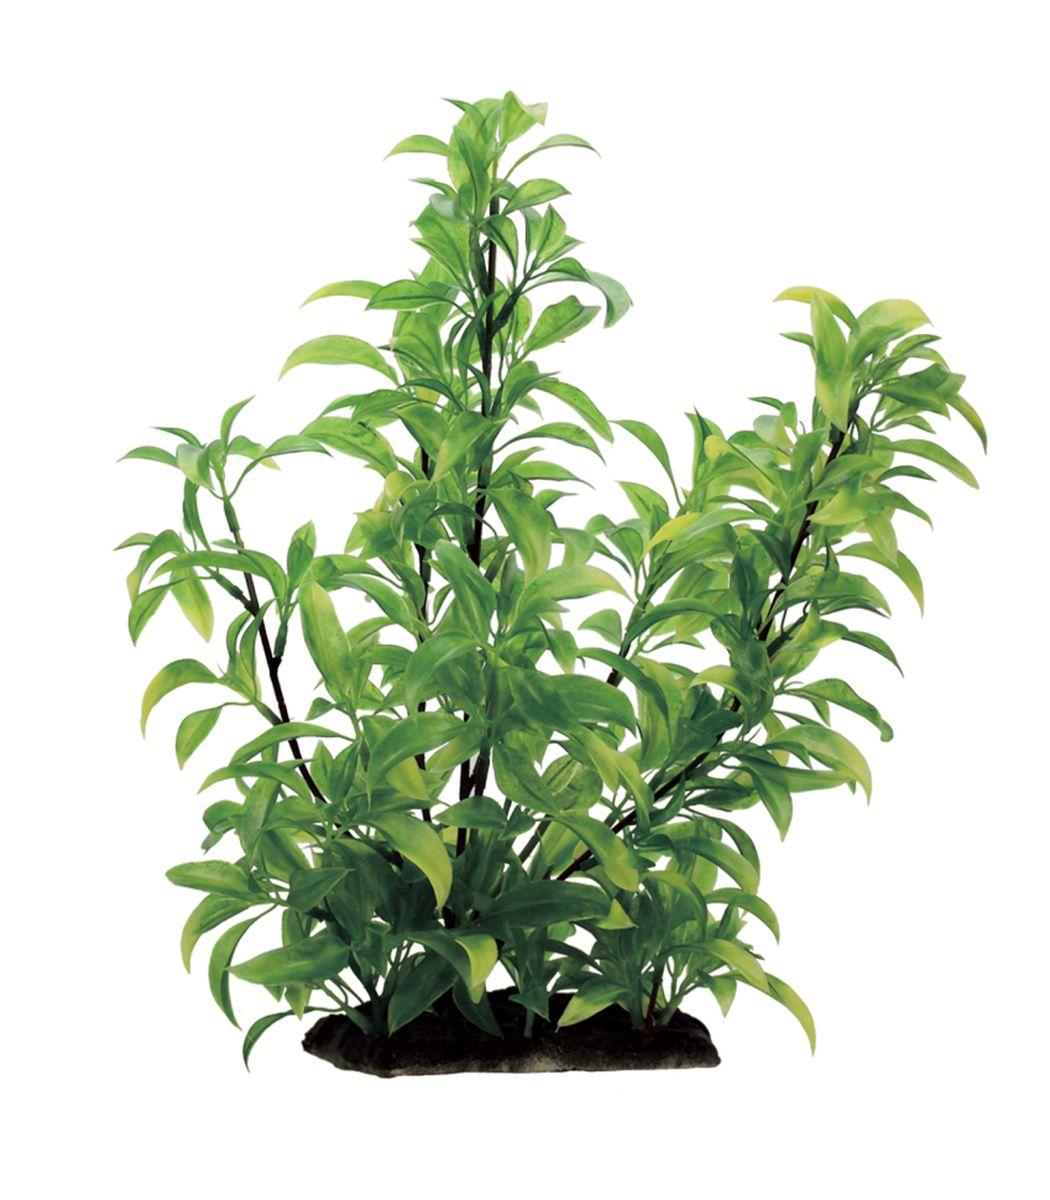 Растение для аквариума ArtUniq Стаурогин, высота 35 см0120710Композиция из искусственных растений ArtUniq превосходно украсит и оживит аквариум.Растения - это важная часть любой композиции, они помогут вдохнуть жизнь в ландшафт любого аквариума или террариума. А их сходствос природными порадует даже самых взыскательных ценителей.